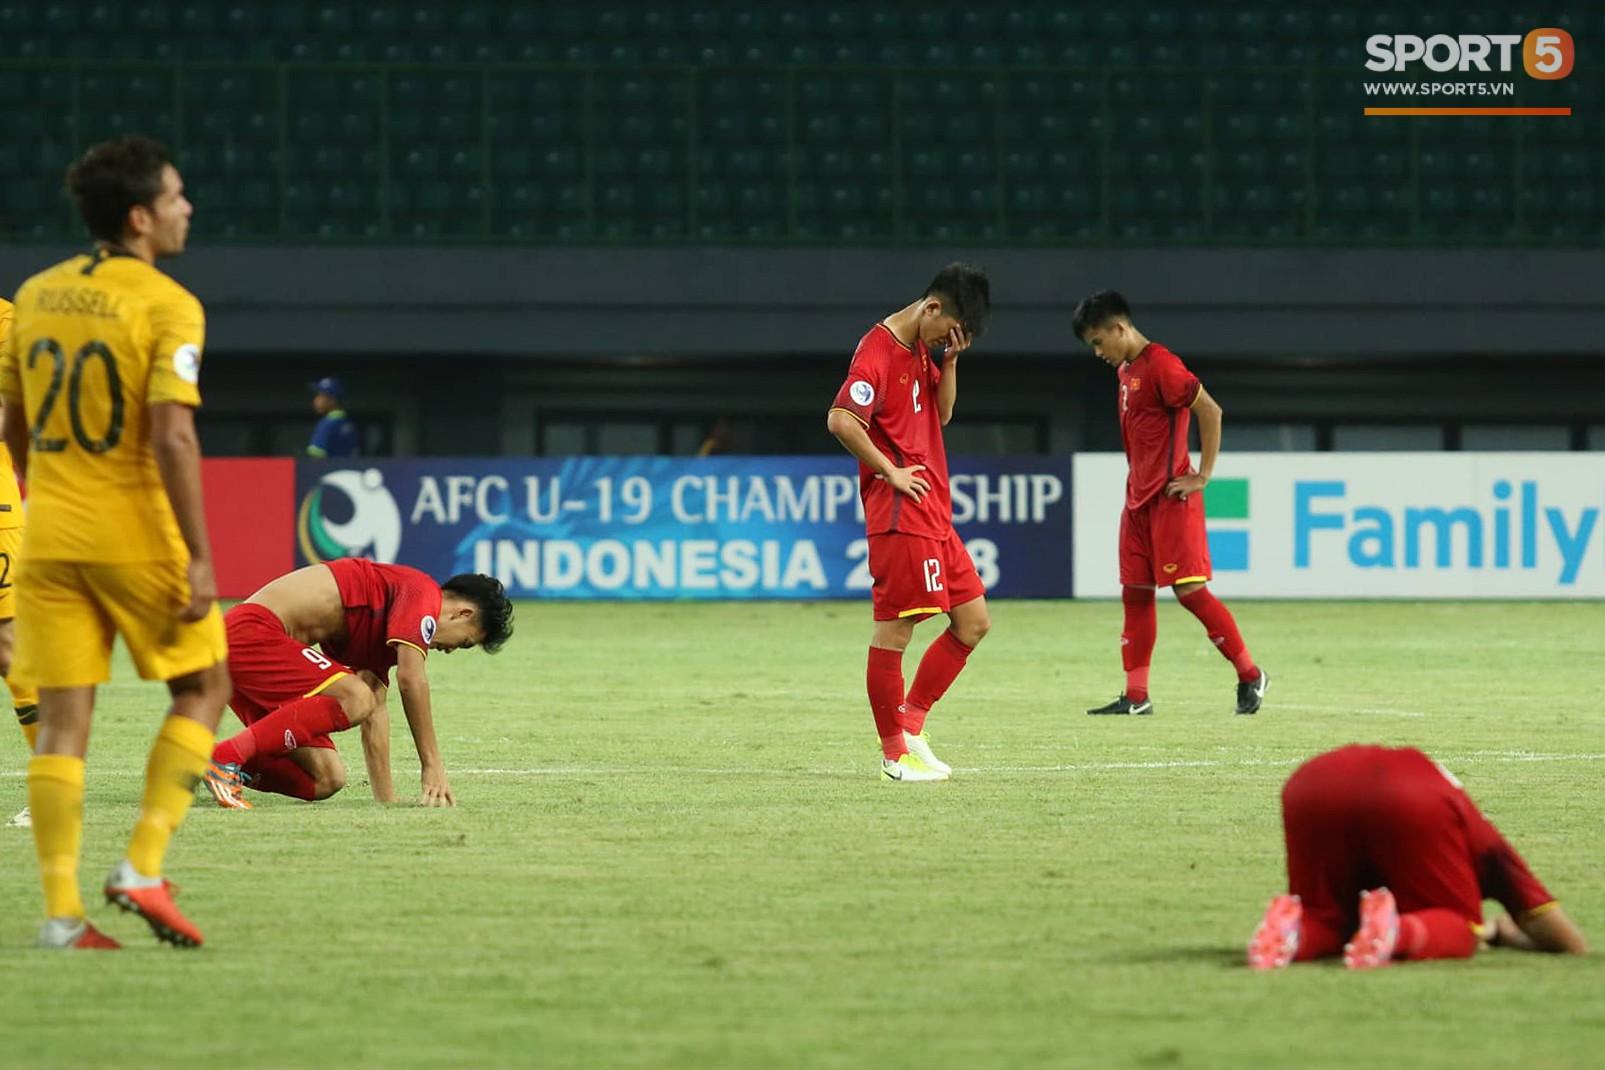 Cầu thủ U19 Việt Nam cúi đầu sau trận thua U19 Australia, chính thức bị loại khỏi giải U19 châu Á 2018 - Ảnh 6.